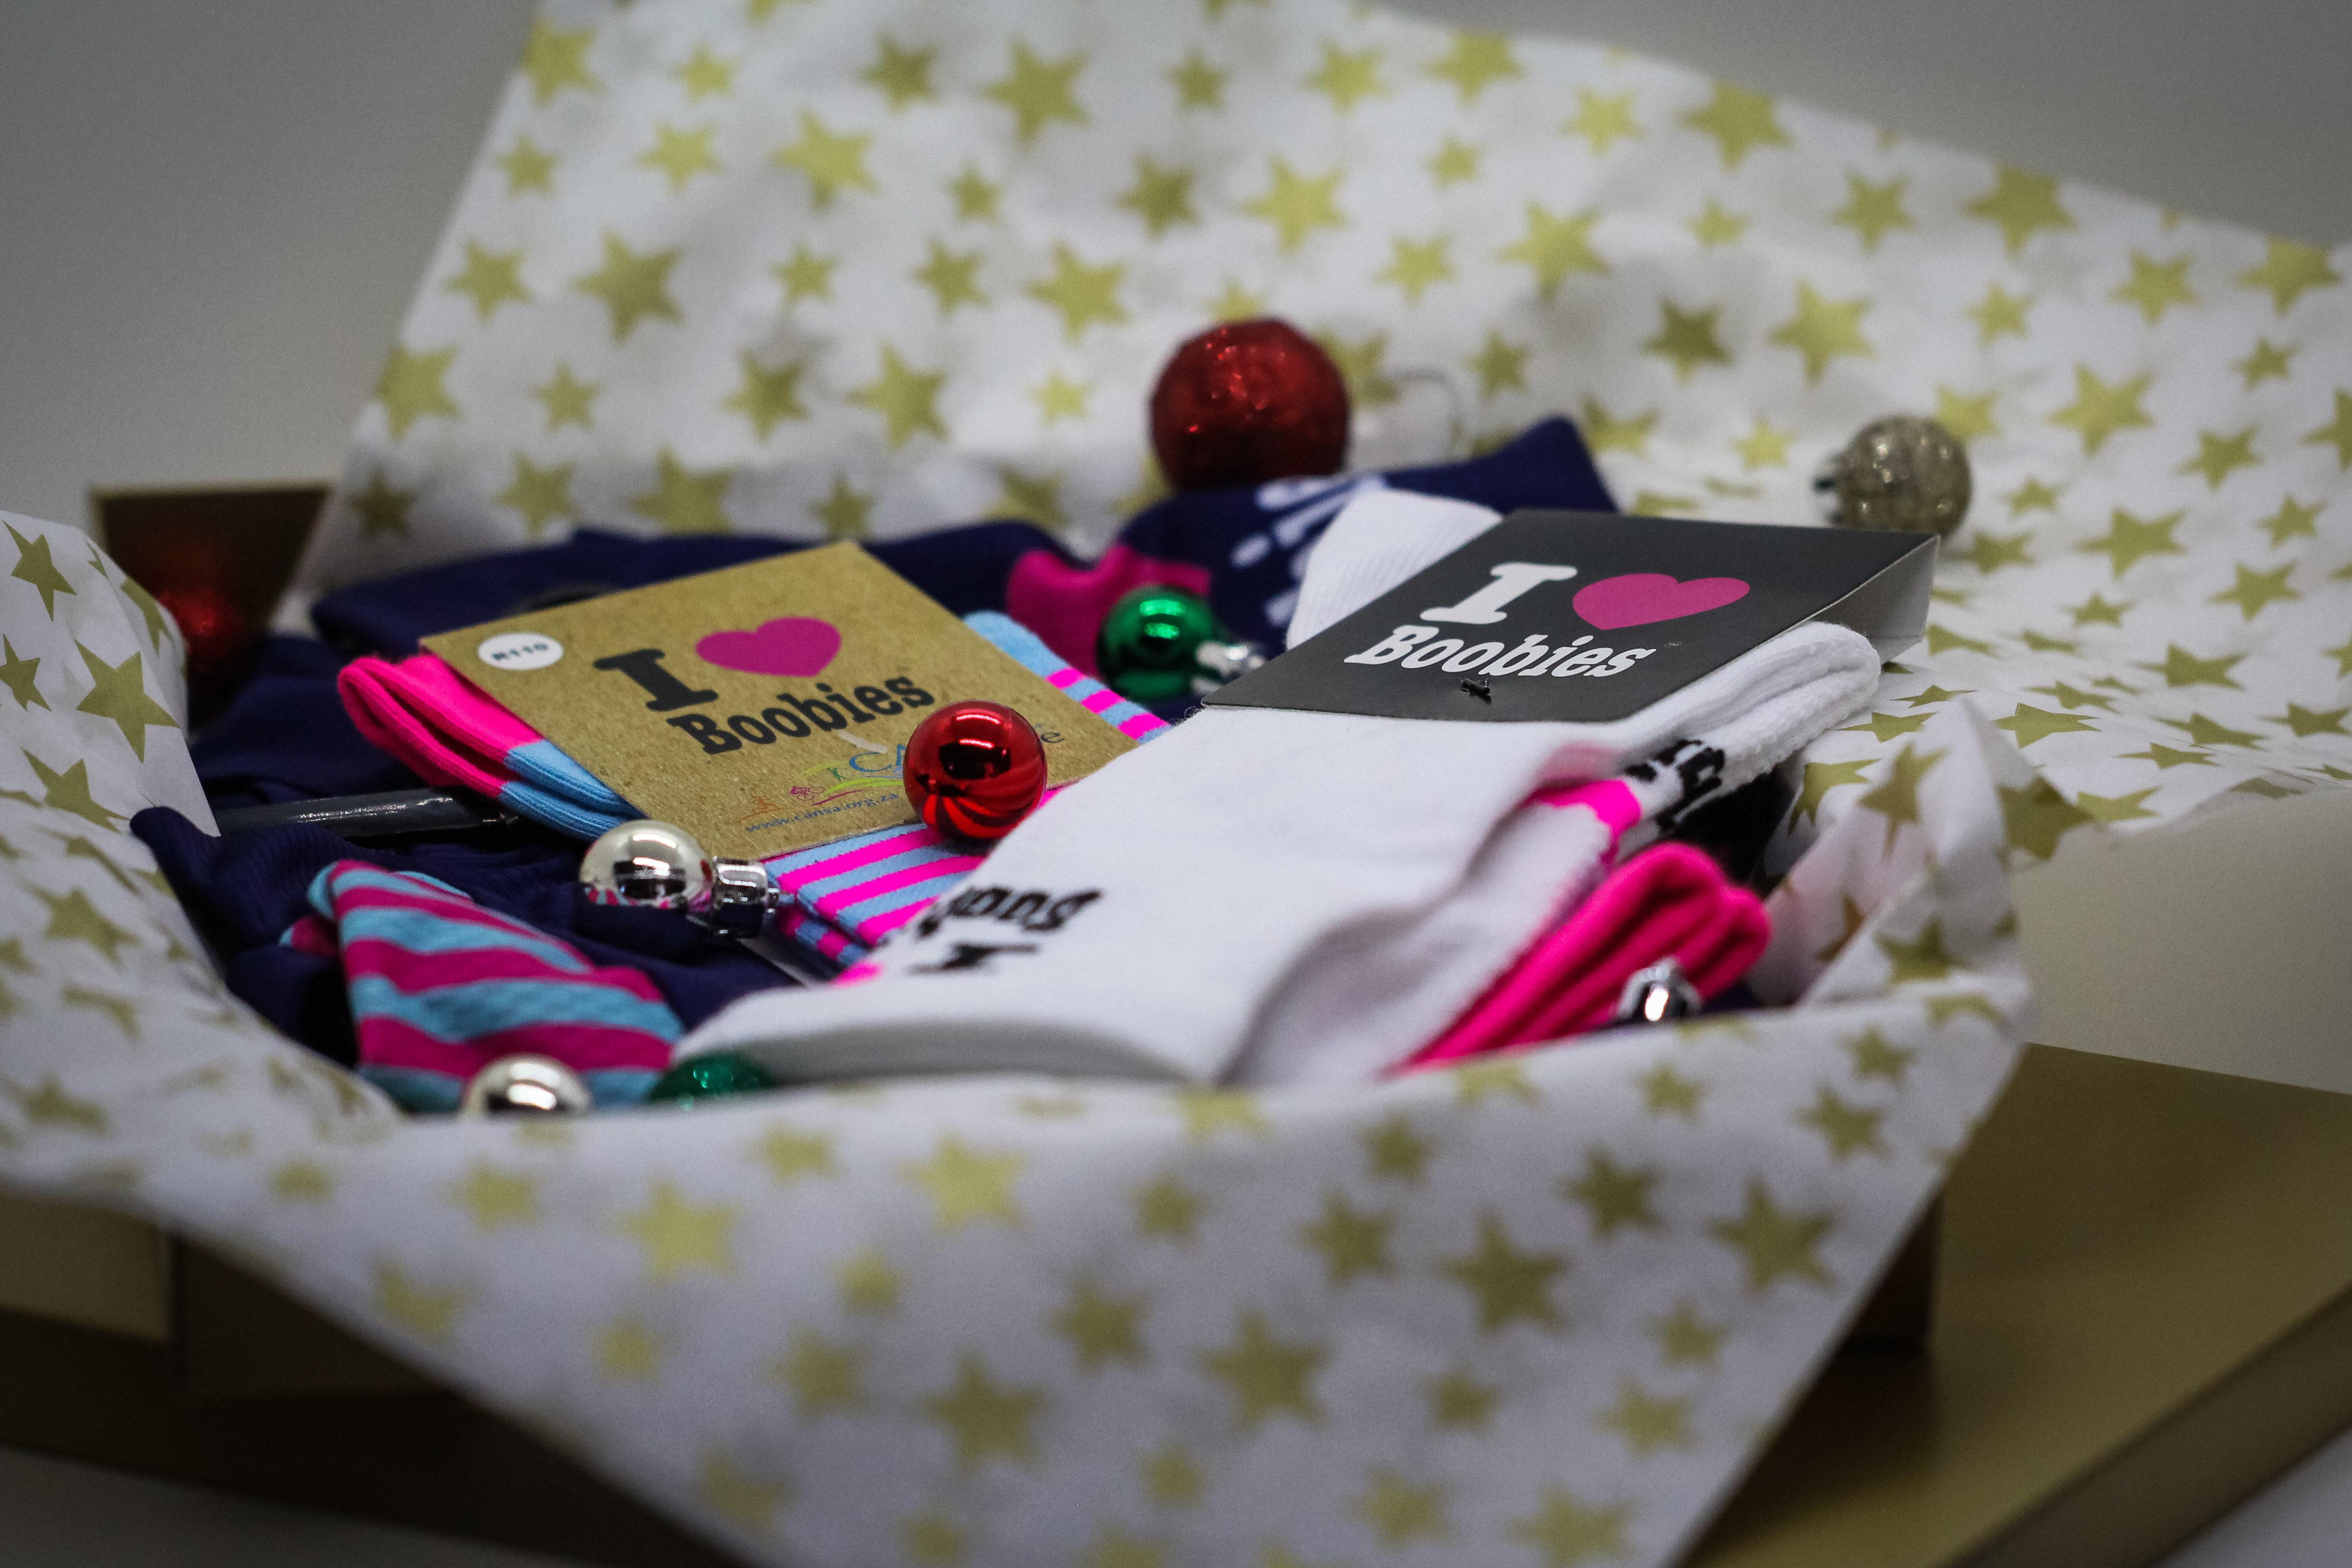 The Christmas Cyclist Gift 00117